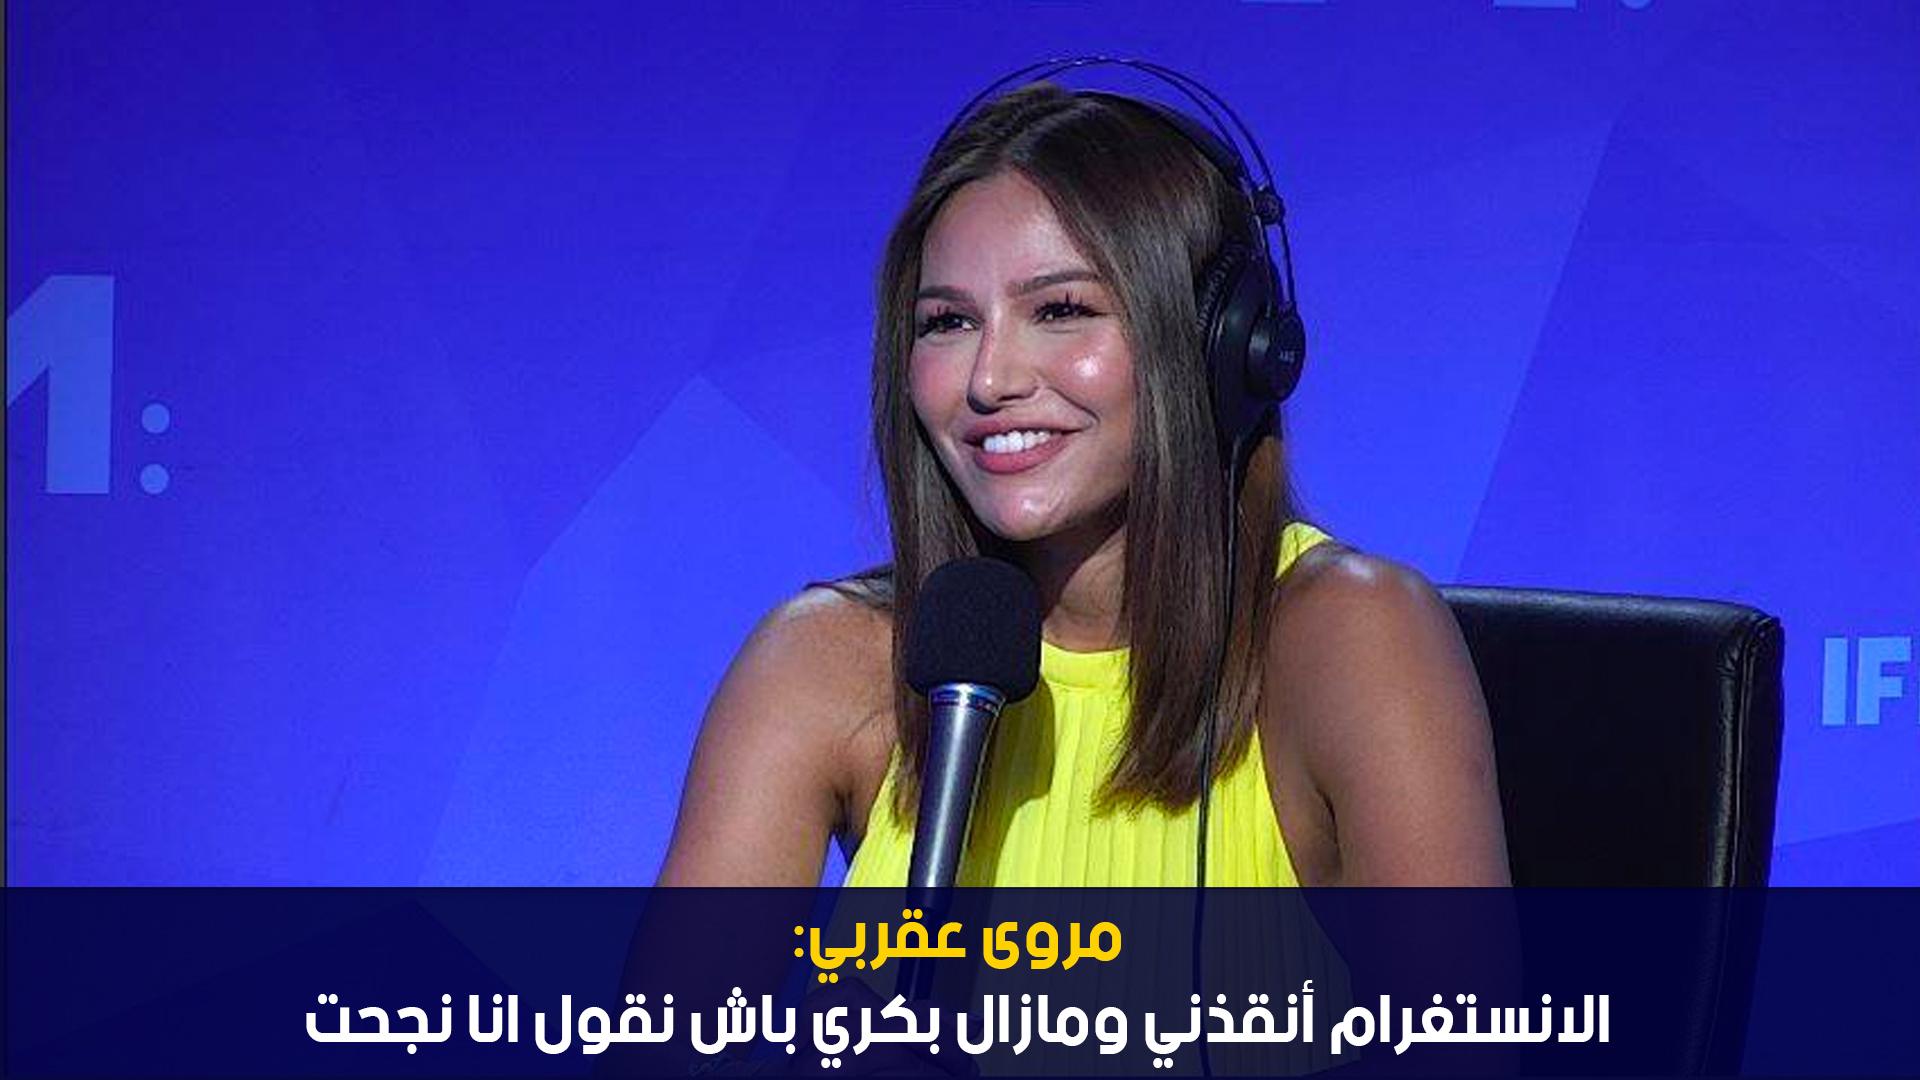 مروى العقربي: الانستغرام أنقذني ومازال بكري باش نقول انا نجحت